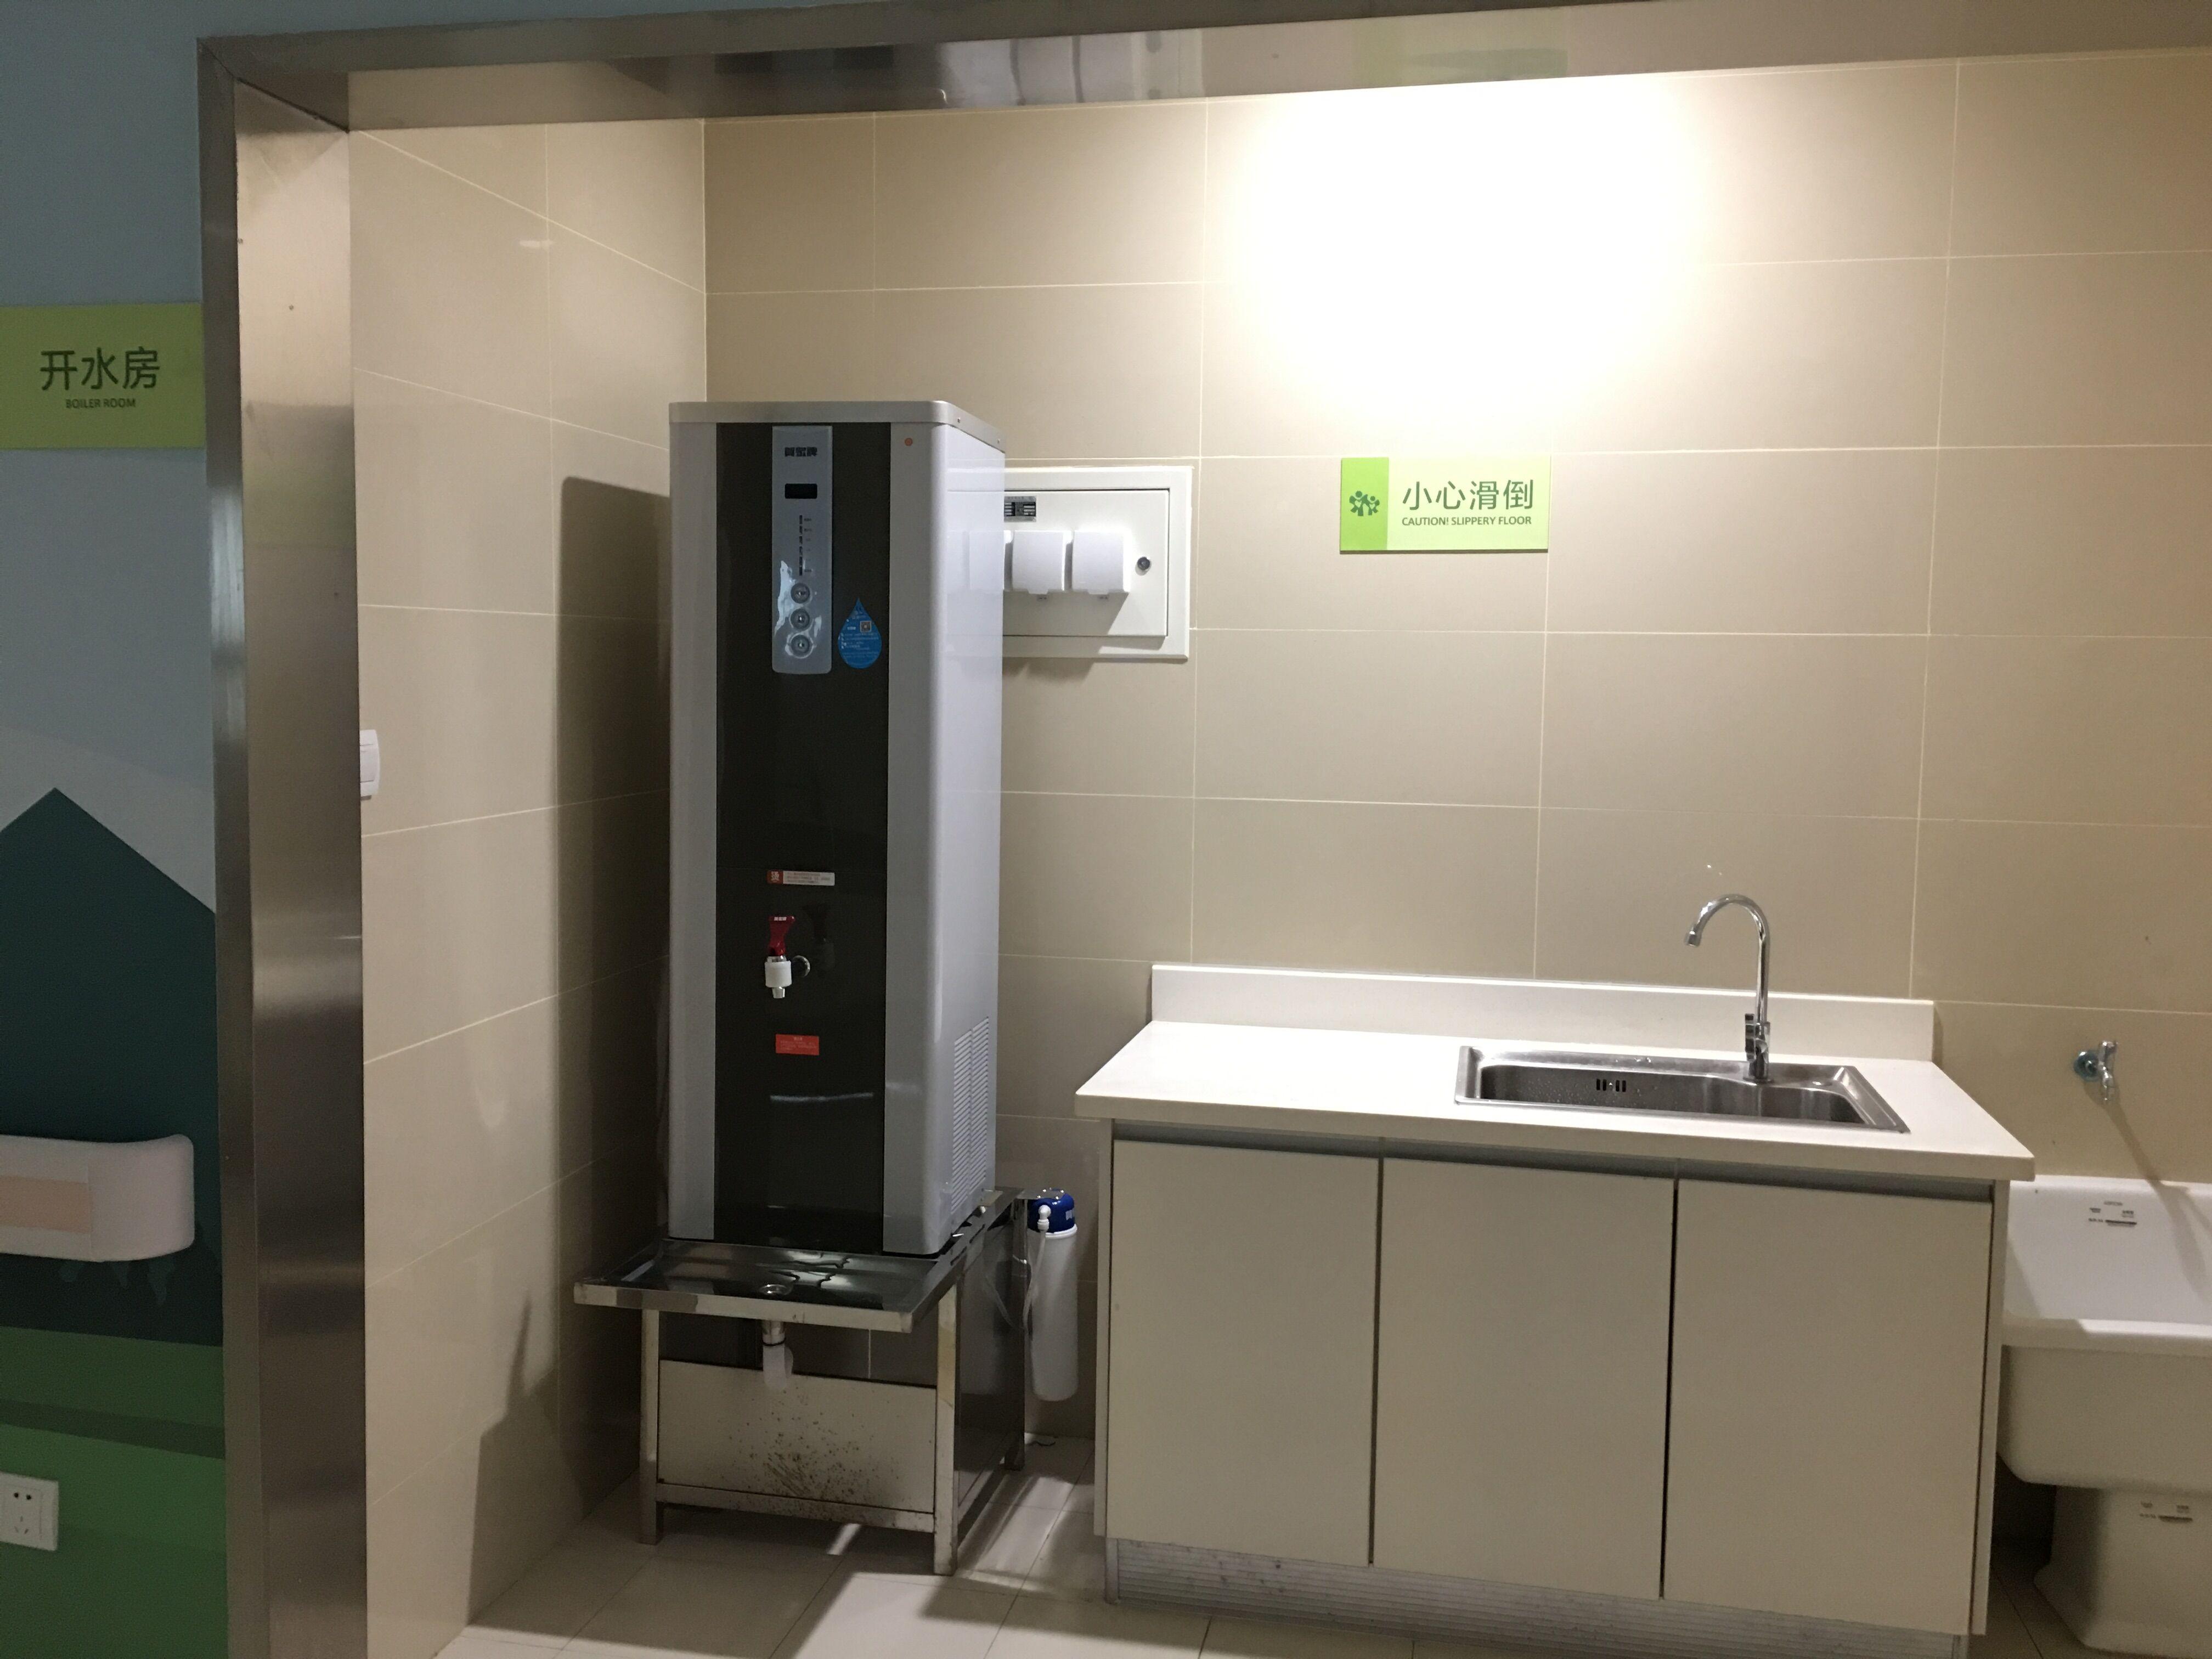 betway必威app_betway必威app牌直饮机开水器入驻华西第二医院锦江院区